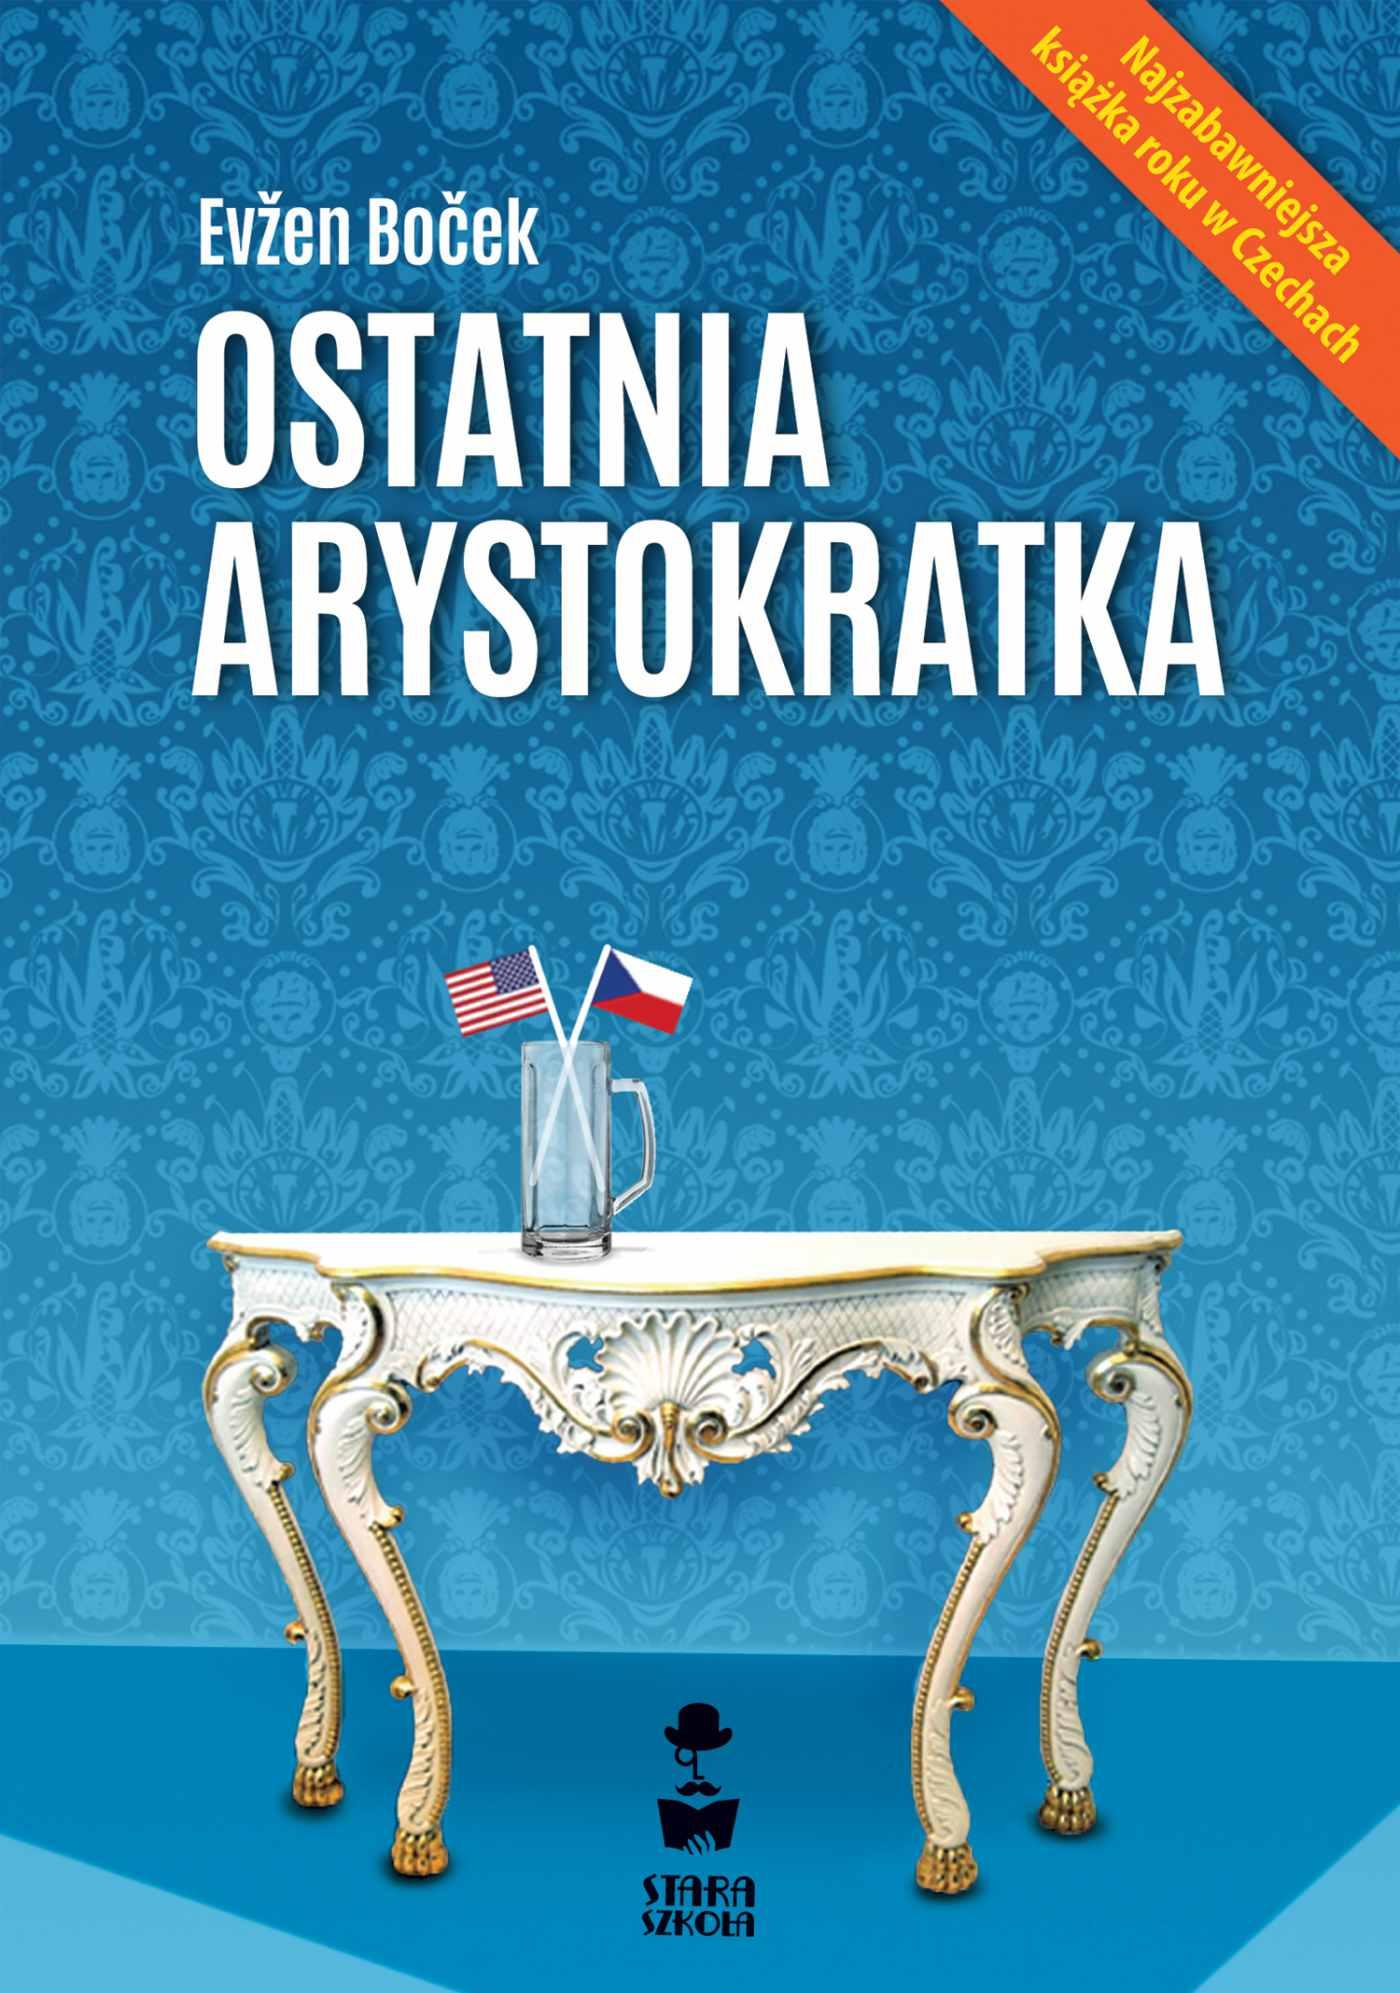 Ostatnia arystokratka - Ebook (Książka EPUB) do pobrania w formacie EPUB